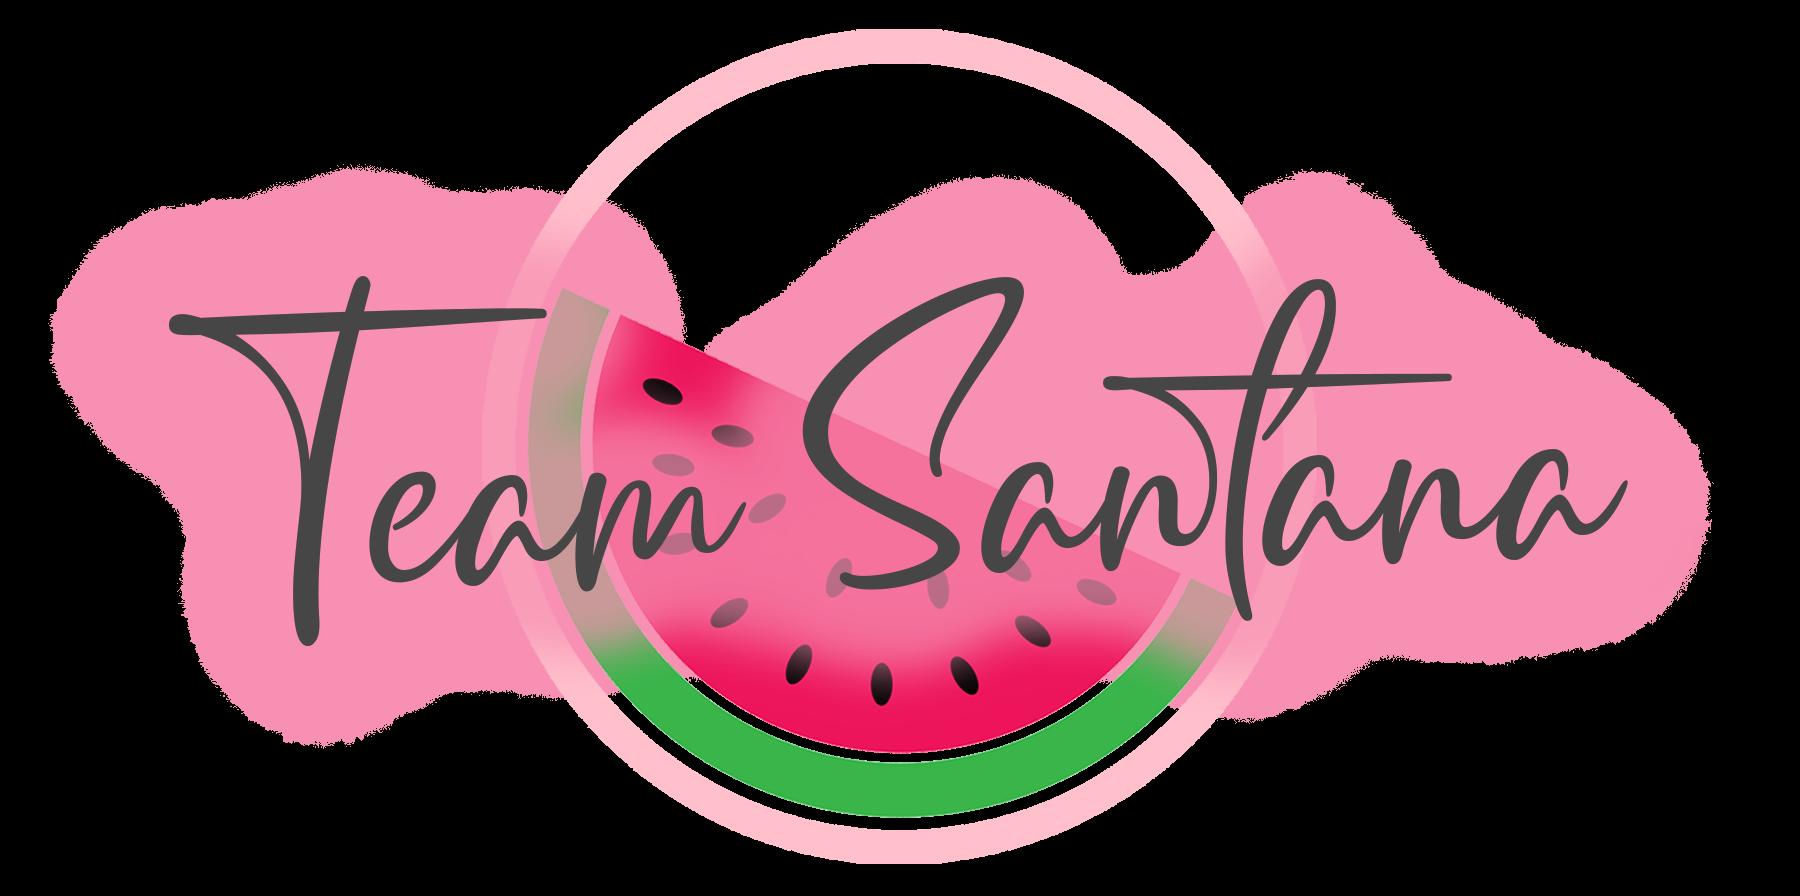 Team Santana